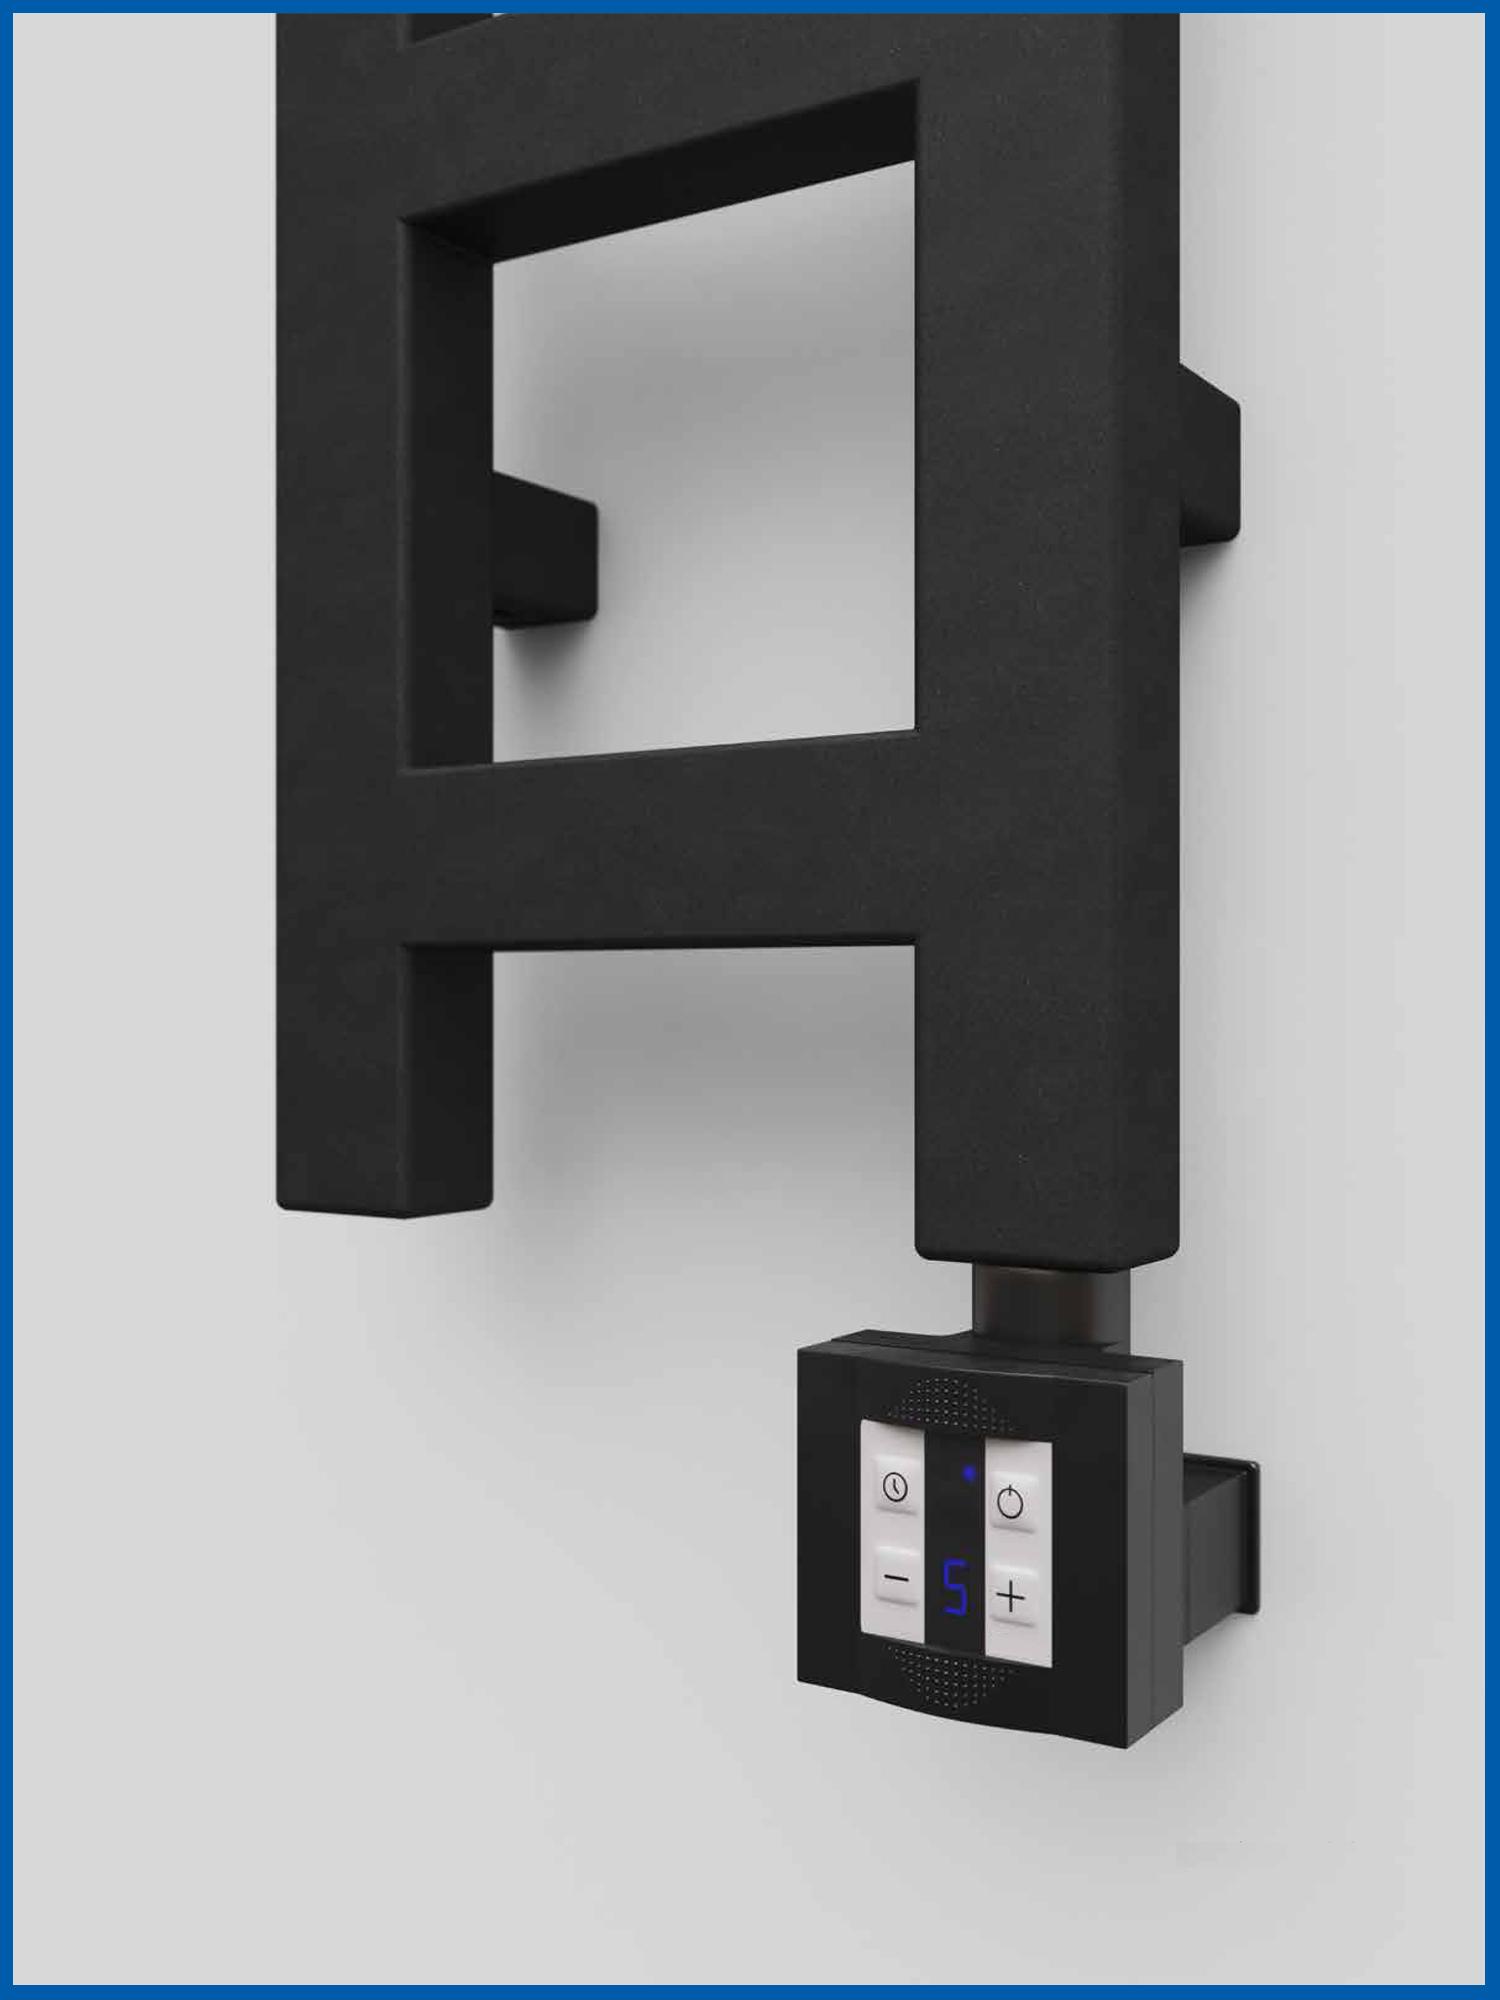 K/önighaus Fern Infrarotheizung 600 Watt mit K/önighaus Smart Thermostat und APP f/ür IOS//Android Bildheizung in HD Qualit/ät mit T/ÜV//GS 1. Steg gerade 200+ Bilder